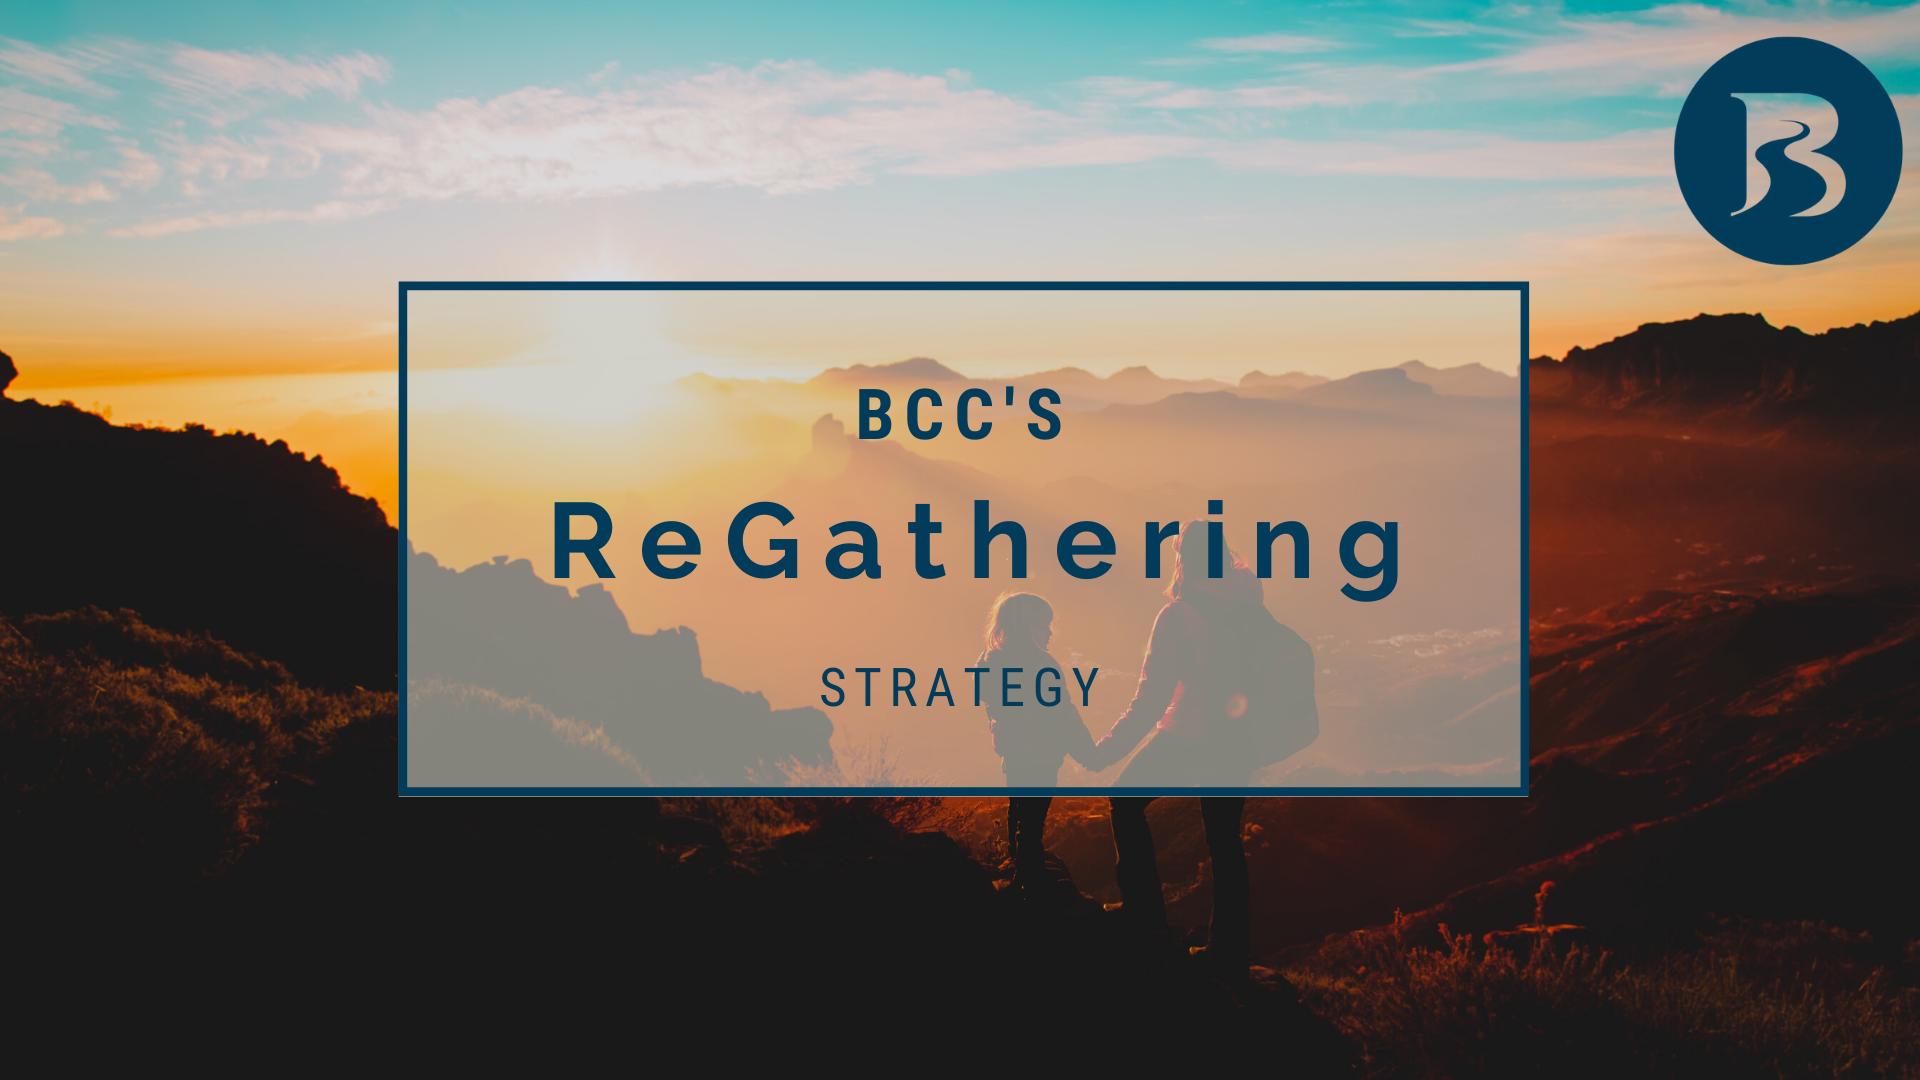 SERMON – BCC's ReGathering Strategy